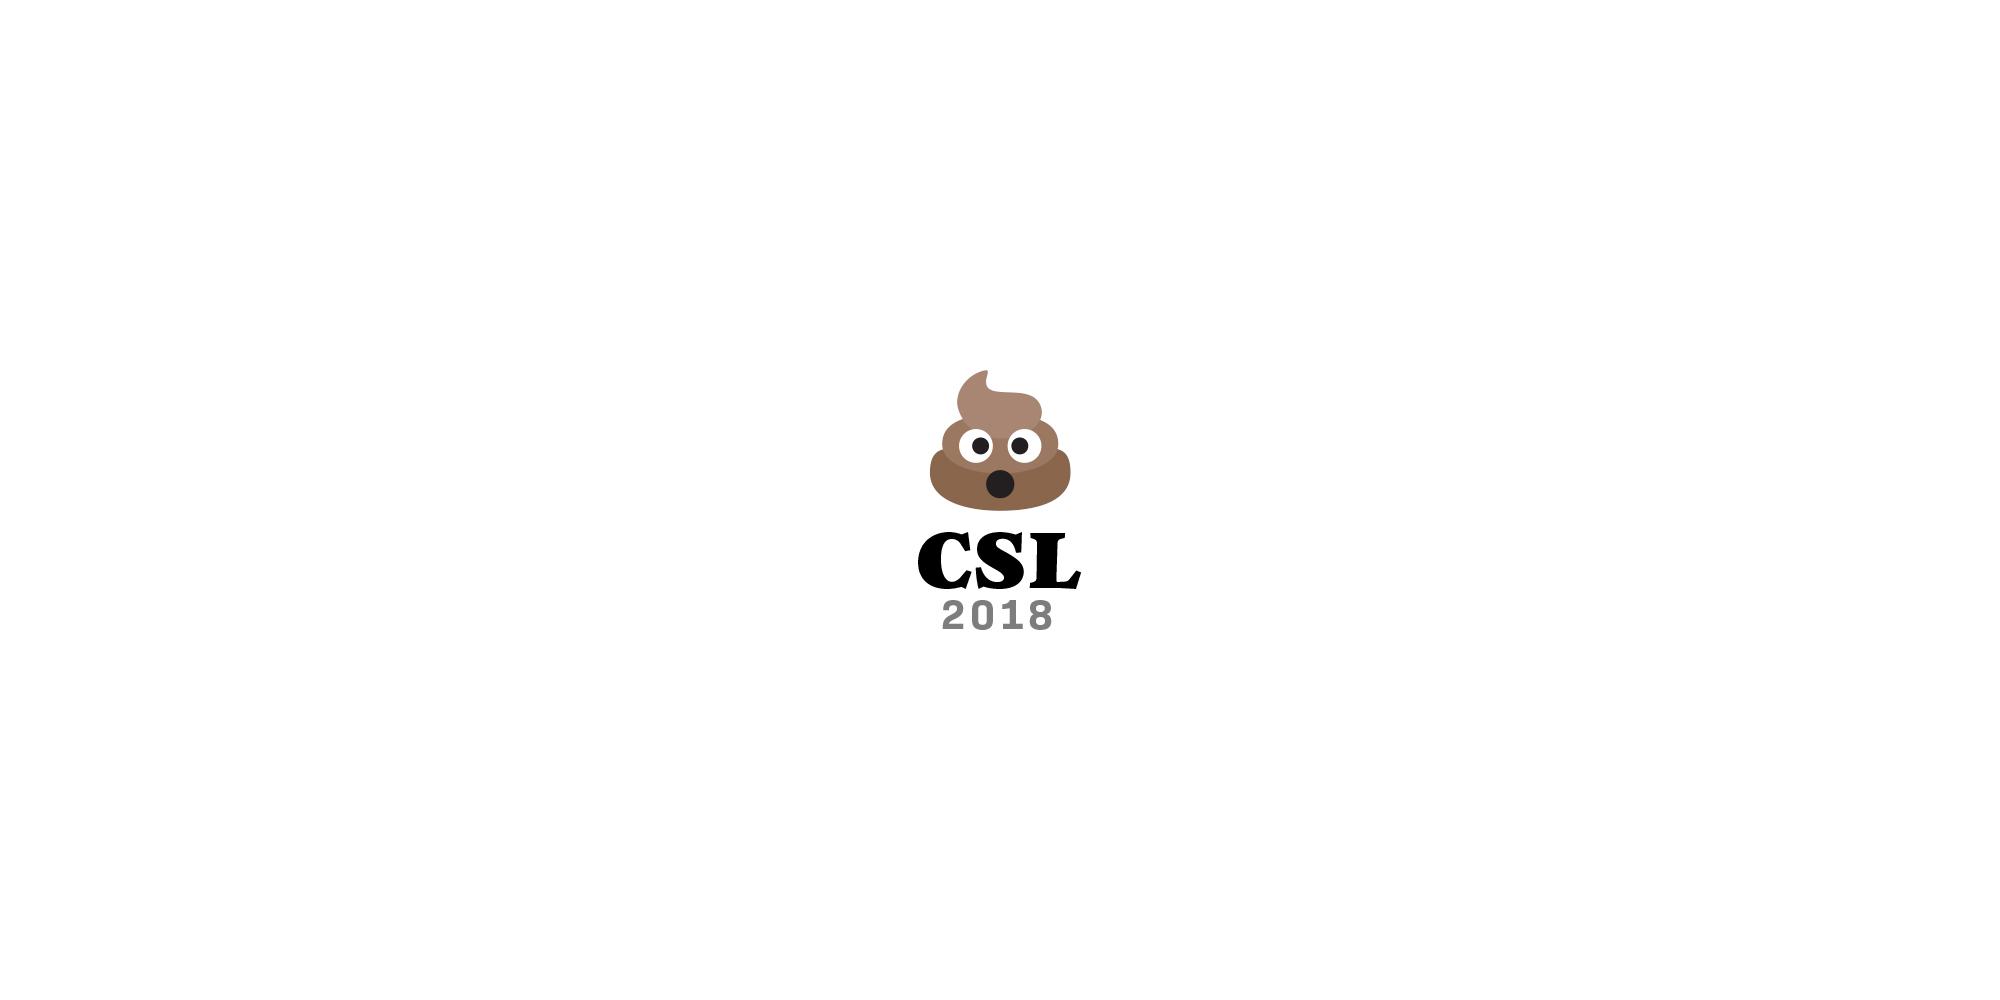 csl_crap_2018.jpg